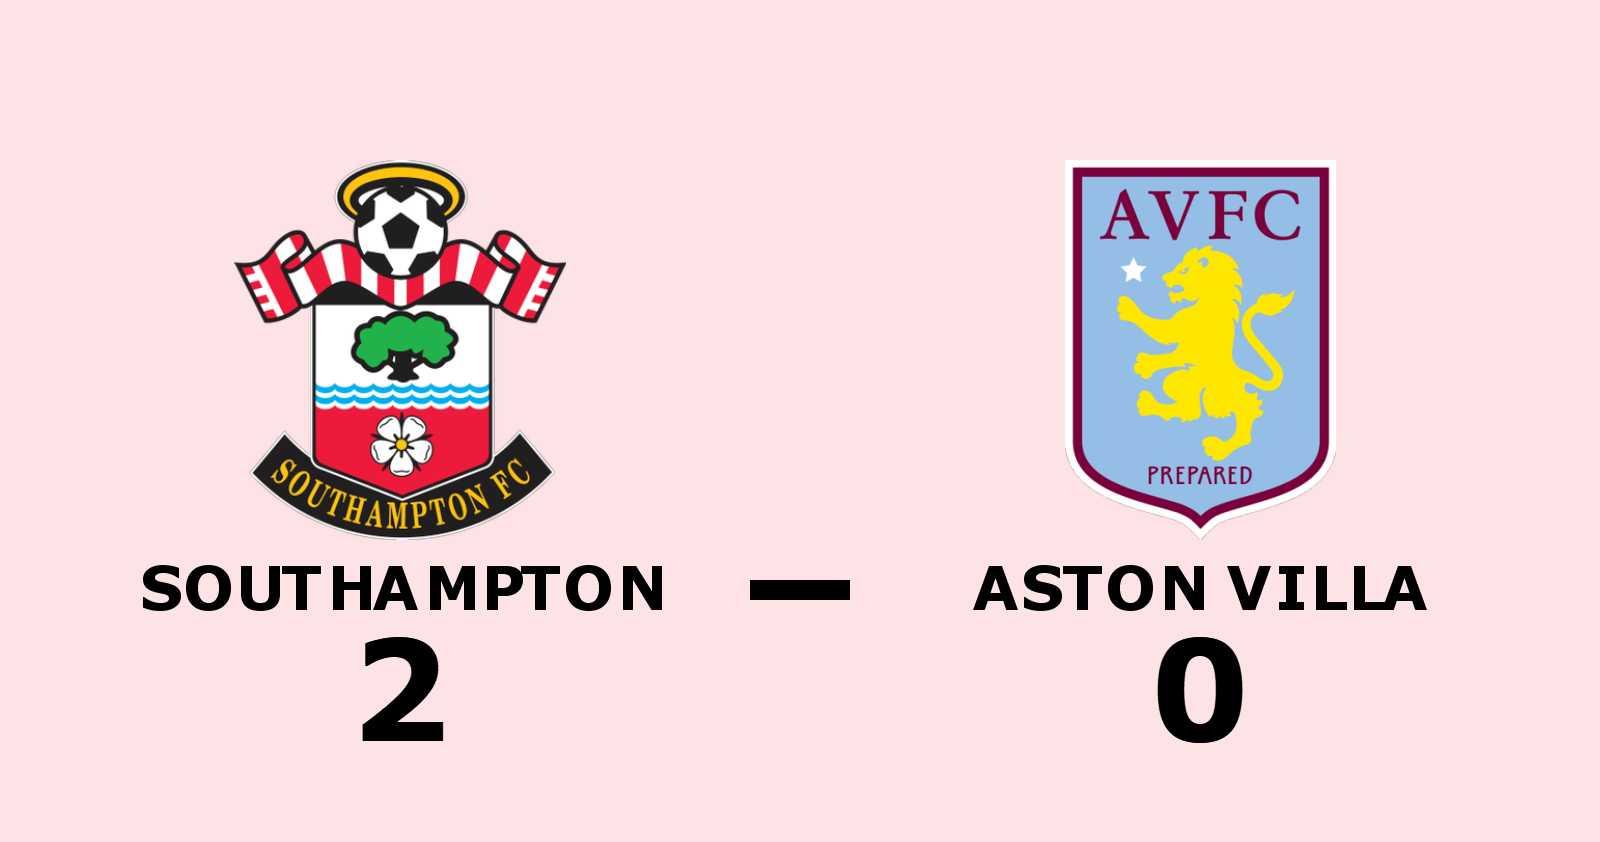 Armstrong och Long matchvinnare när Southampton vann mot Aston Villa